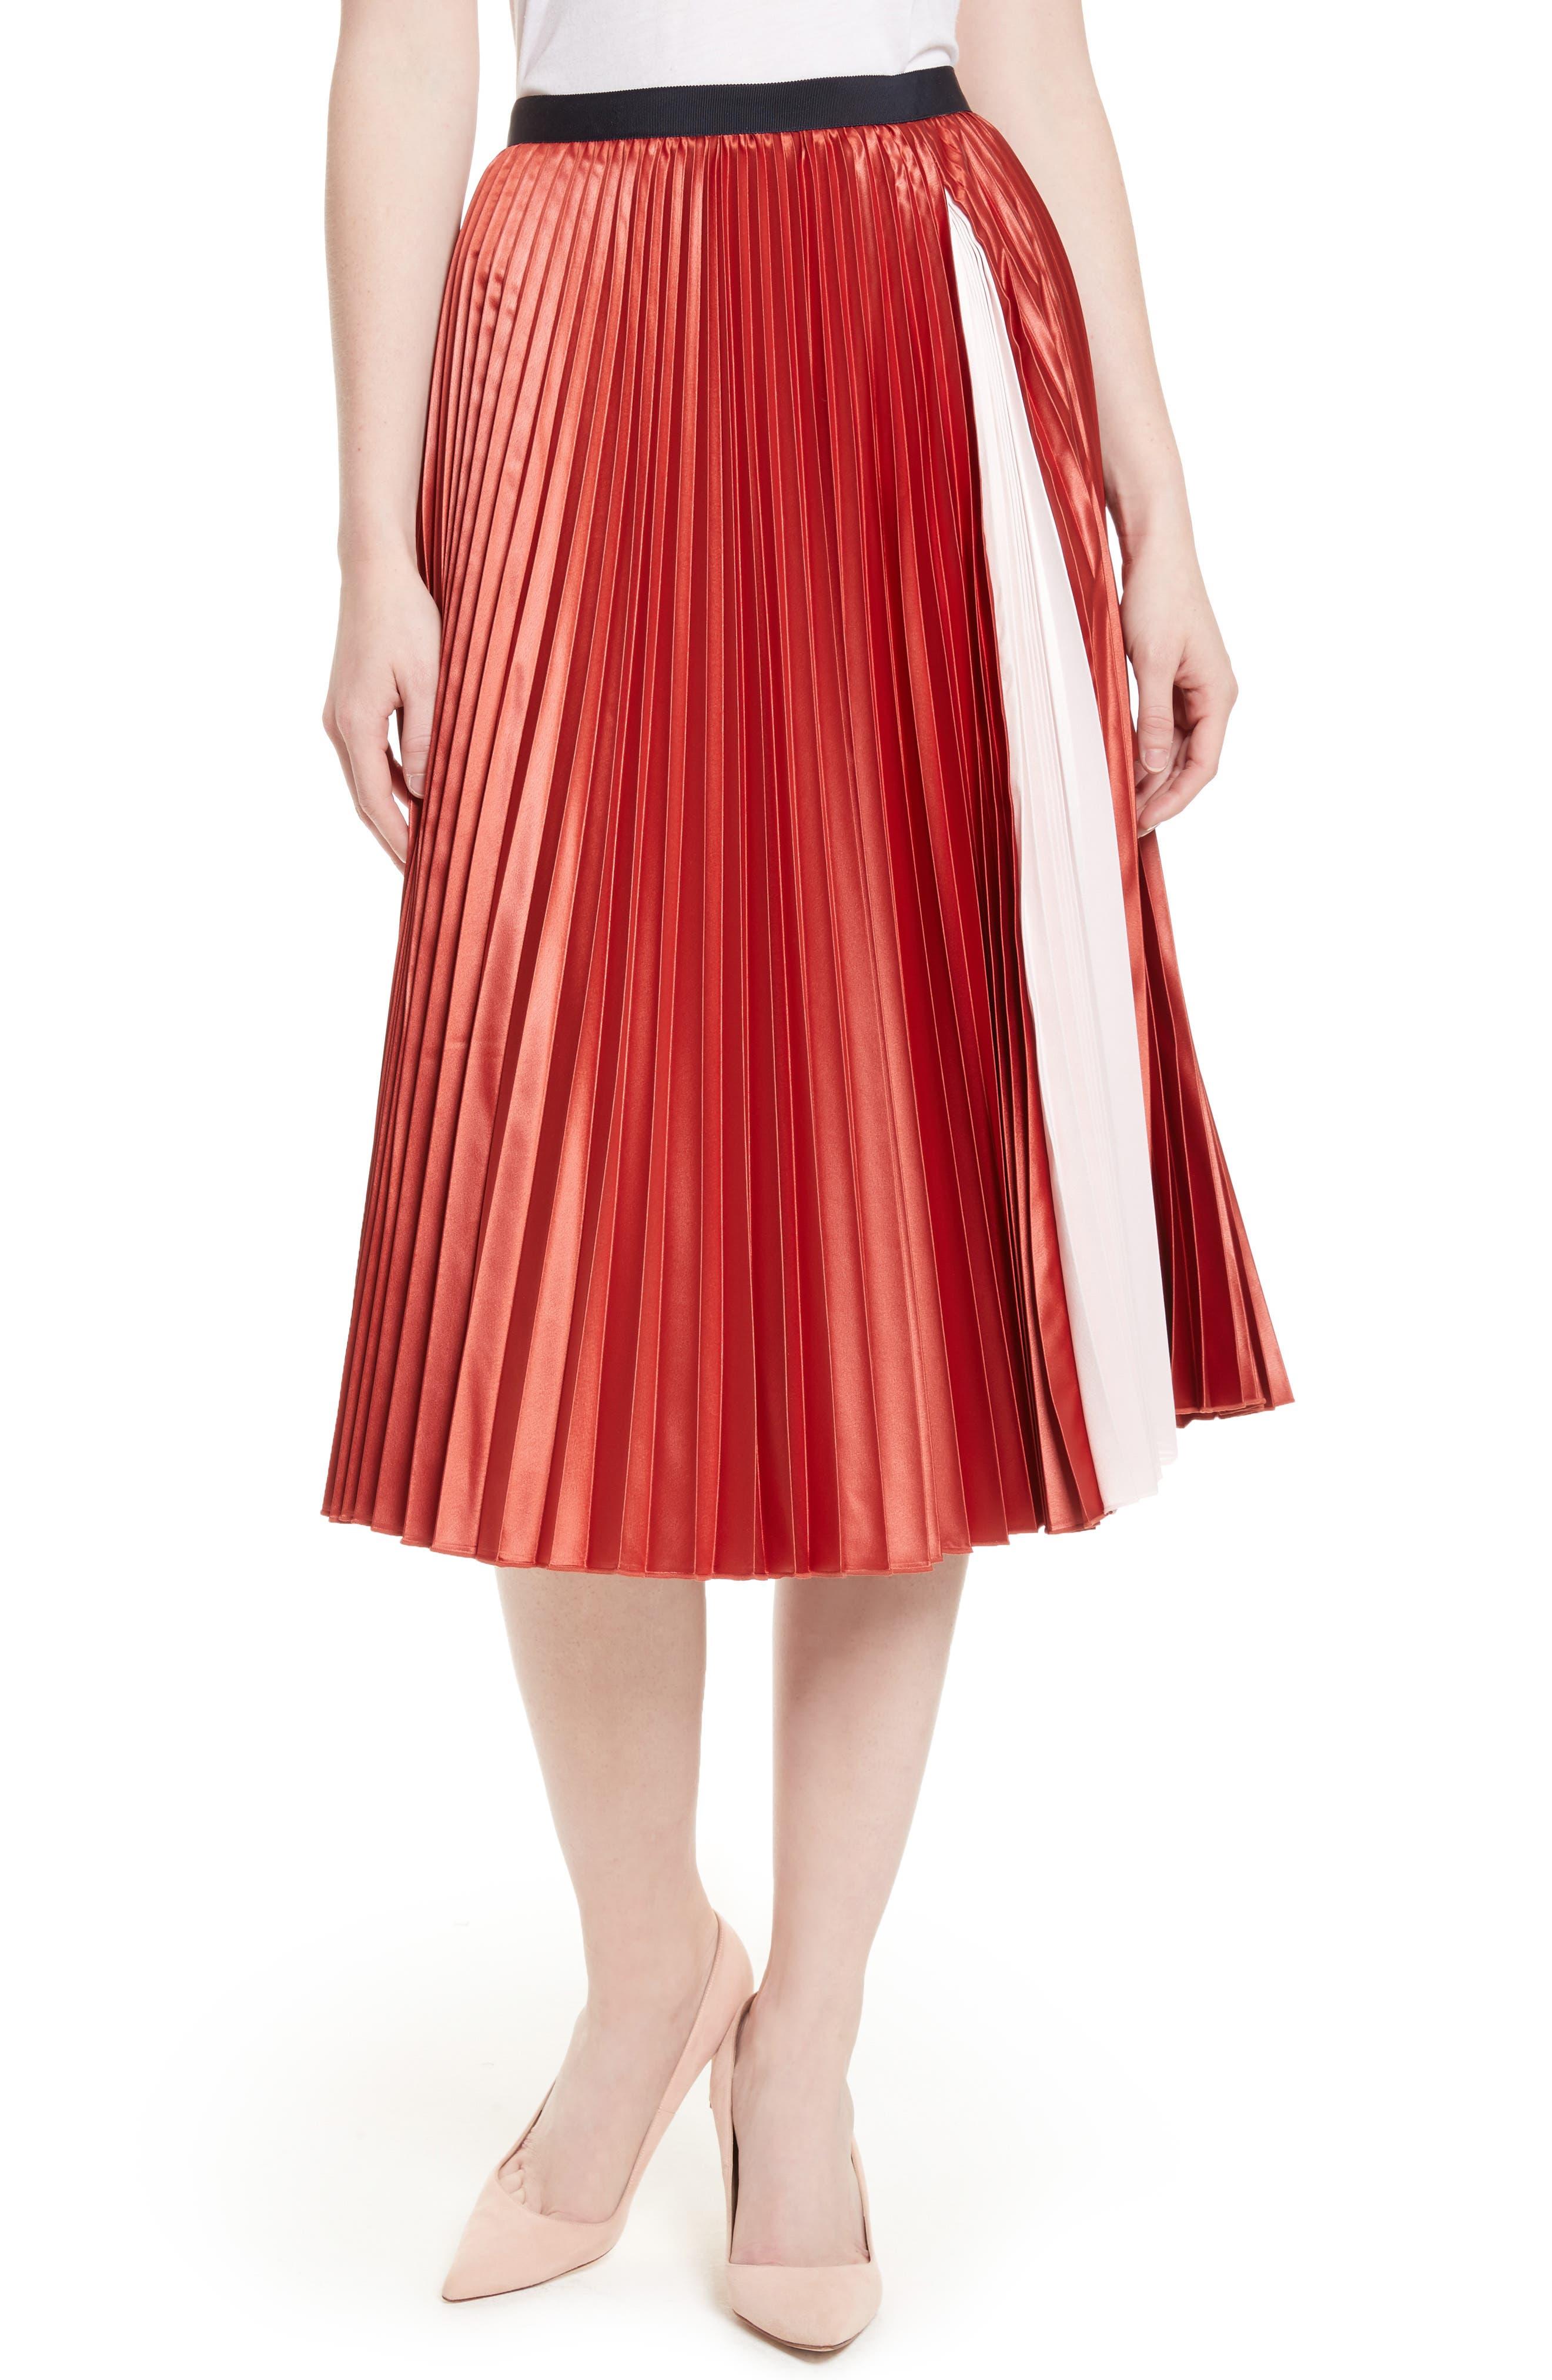 Ted Baker London Osla Colorblock Pleated Midi Skirt